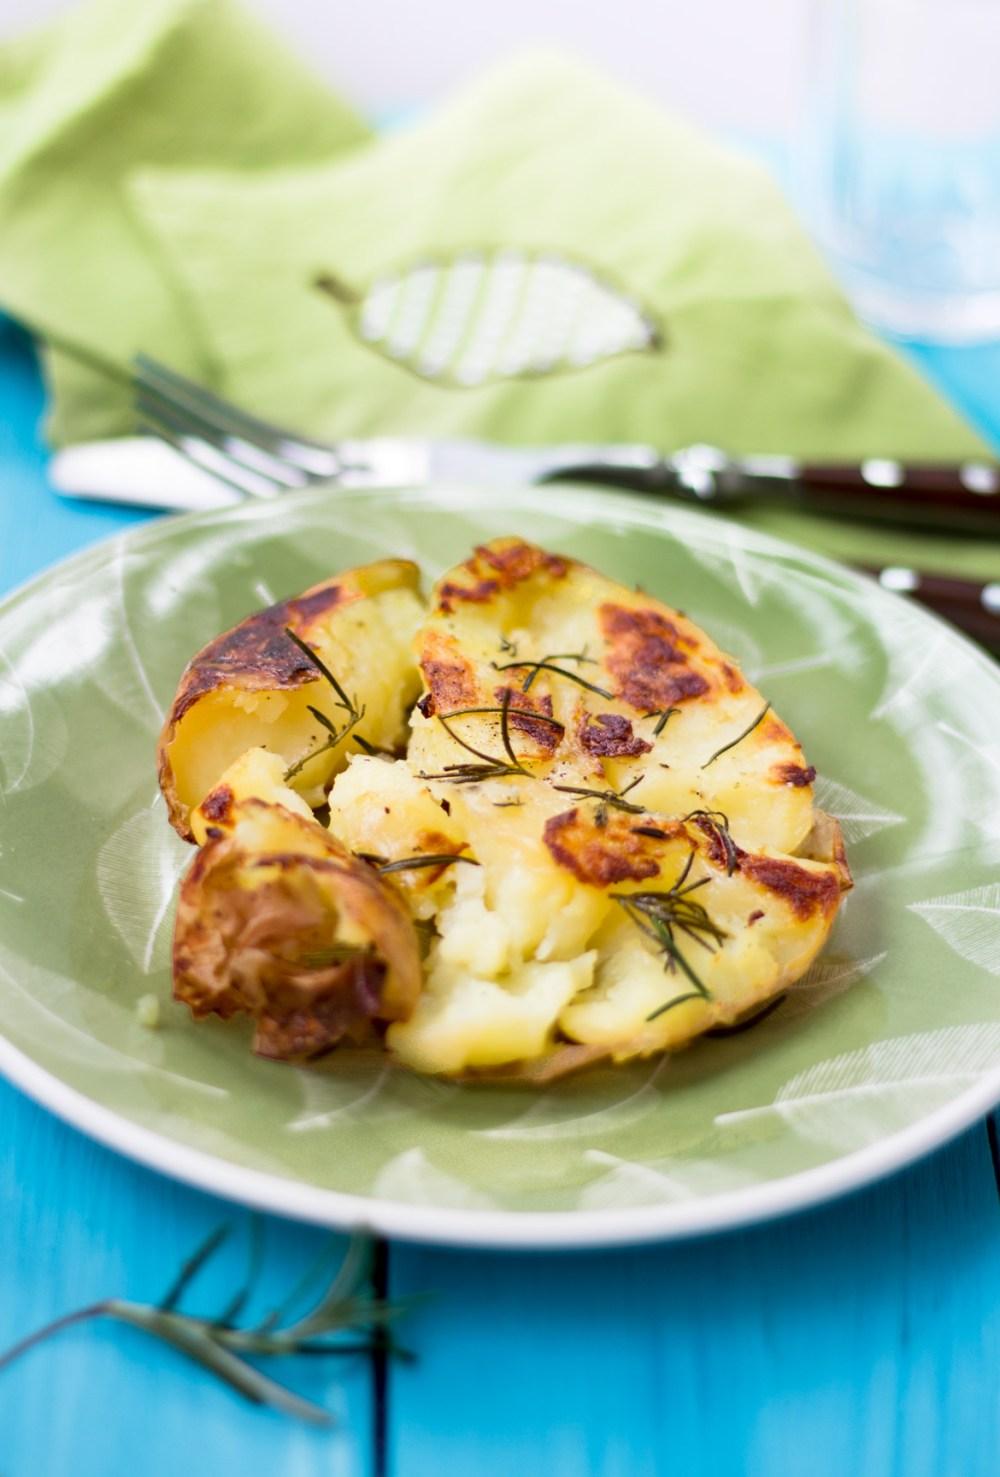 Já experimentou Batatas ao murro?